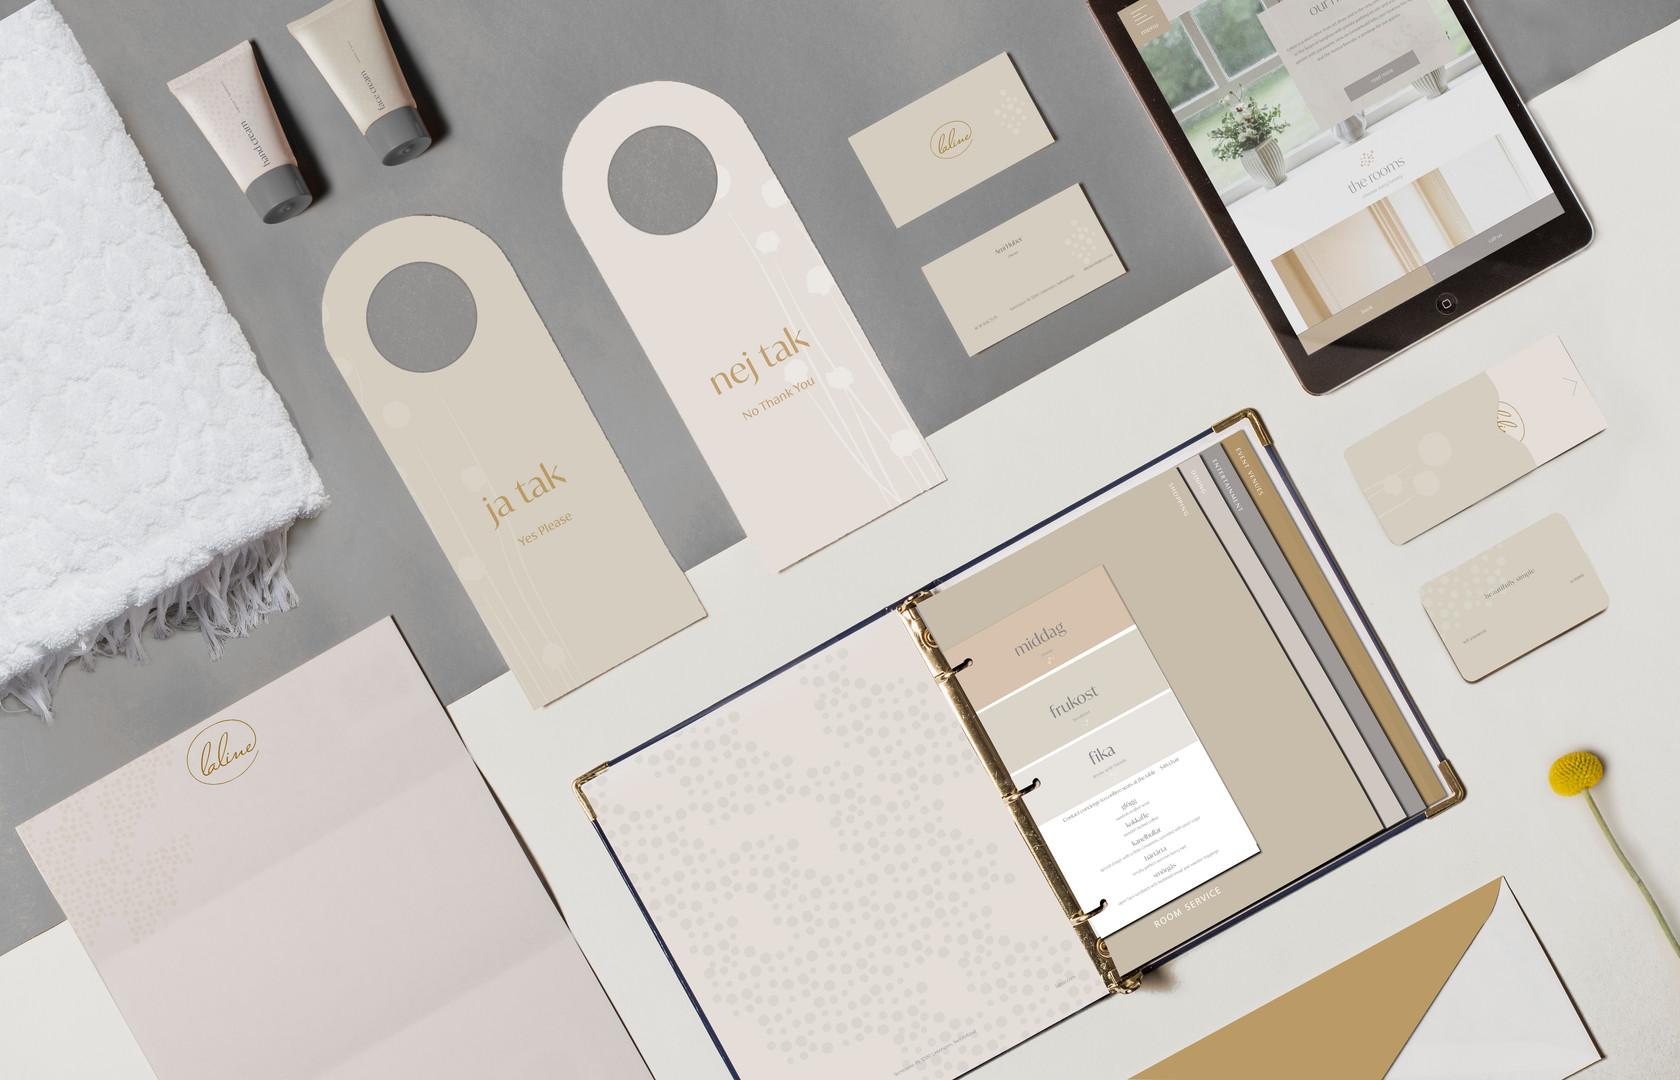 Hotel Stationery & Brand